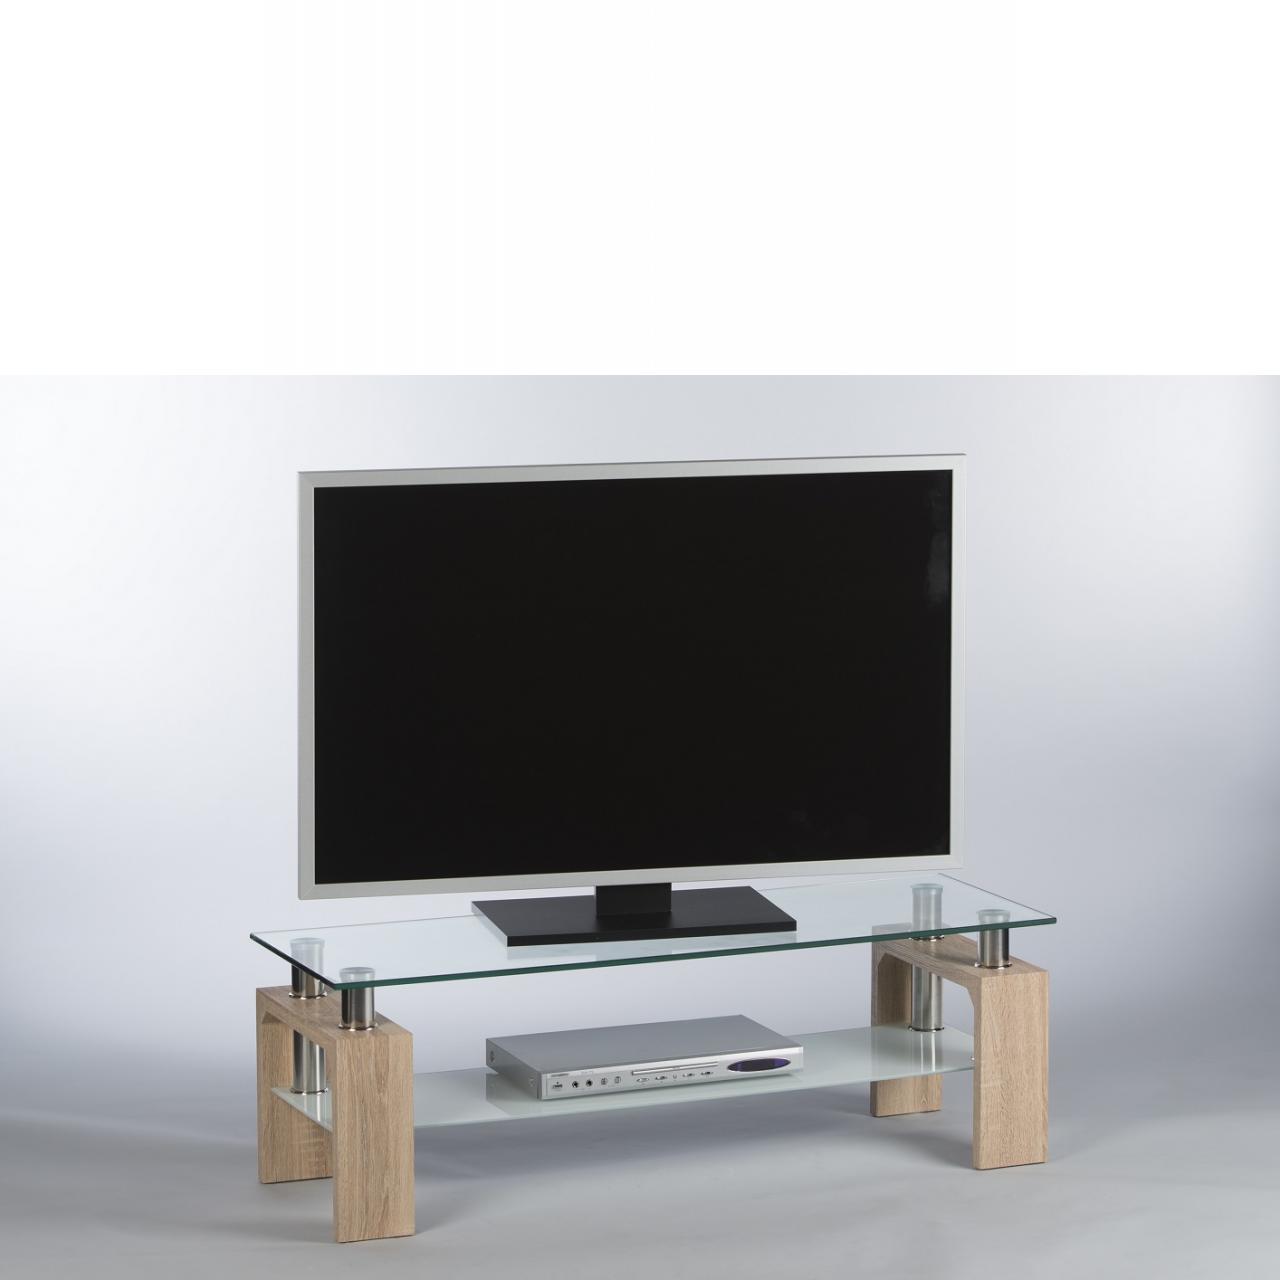 Das Tv- Lowboard Mango Sonoma Eiche 2 Glasplatten Tv-Regal Wohnzimmer